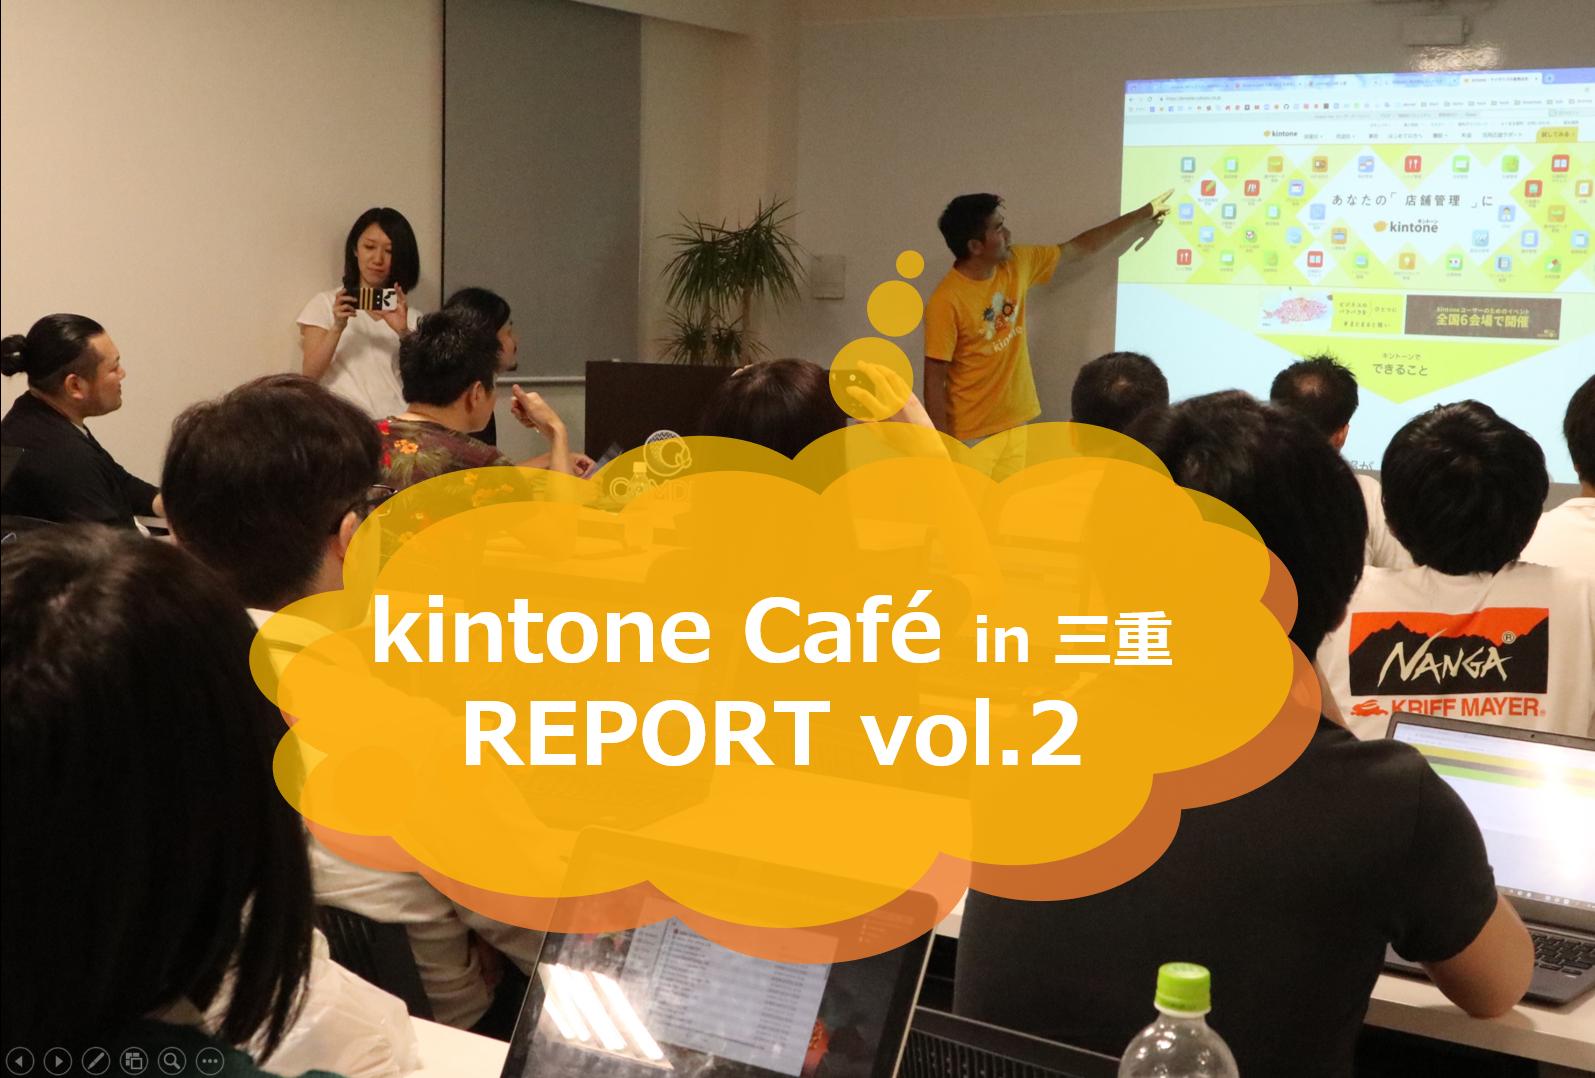 kintone cafe三重Vol.2に参加してきました